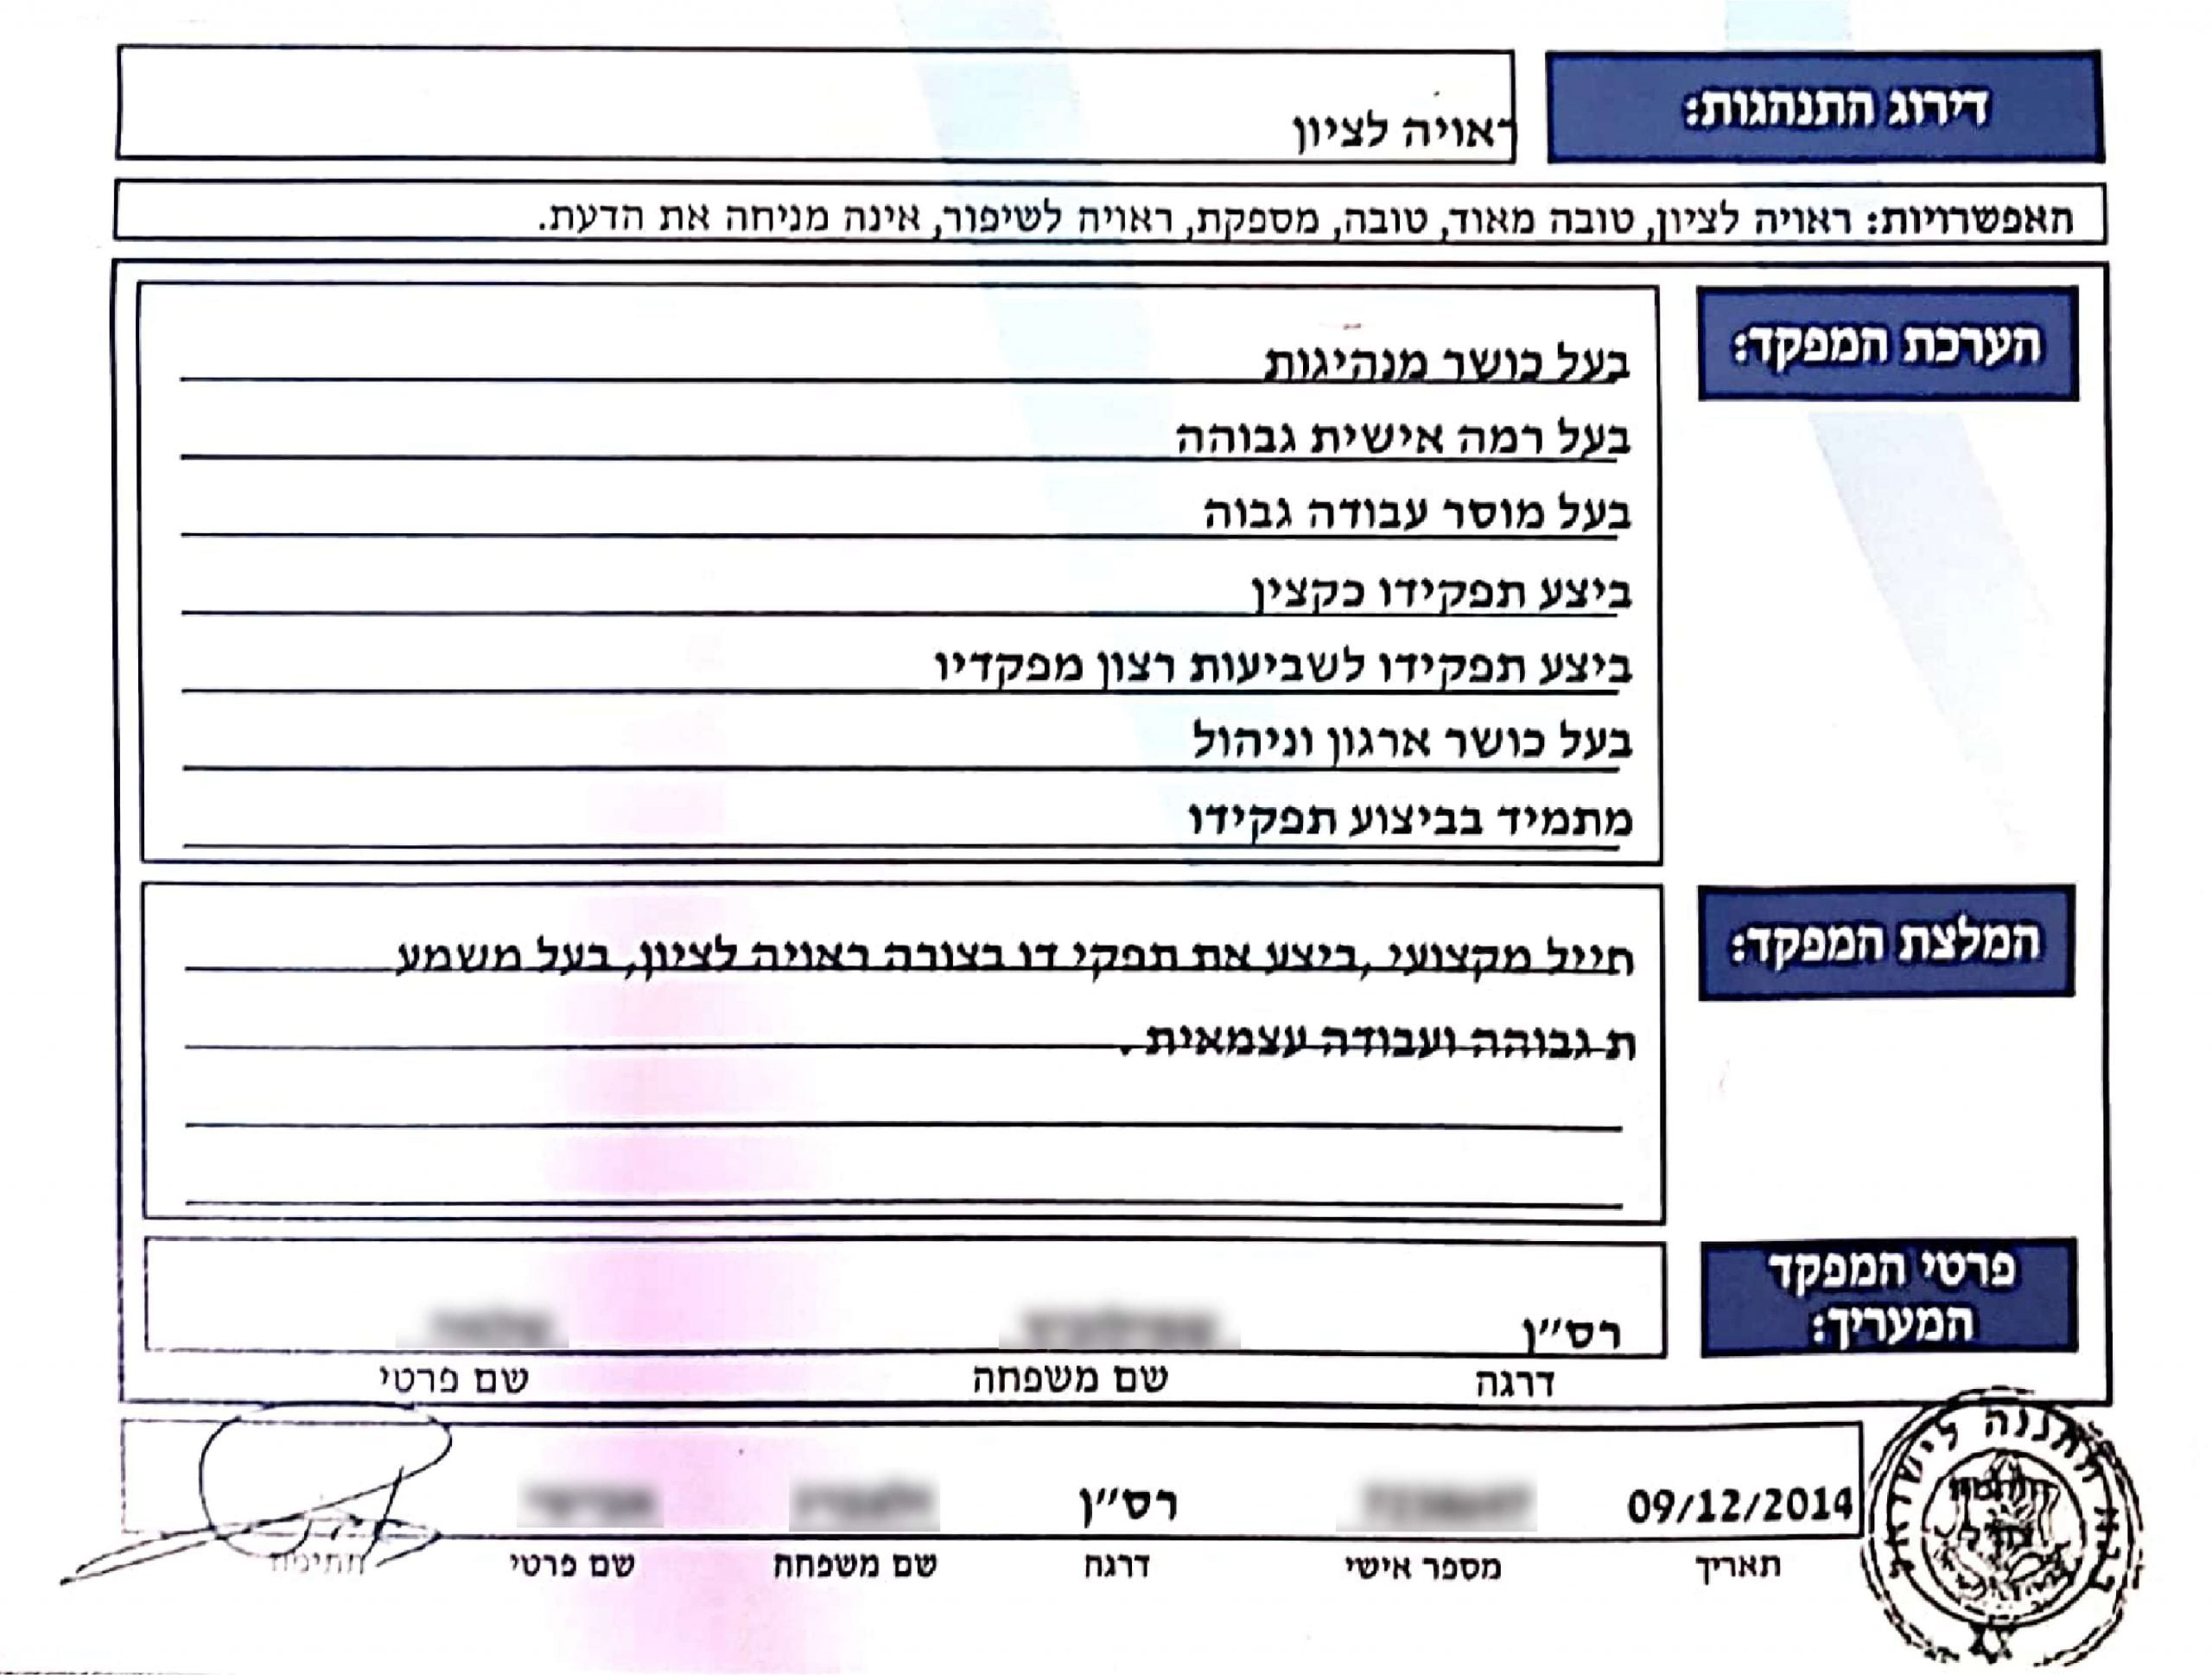 תעודת ערכת מפקדו של יהונתן כהן